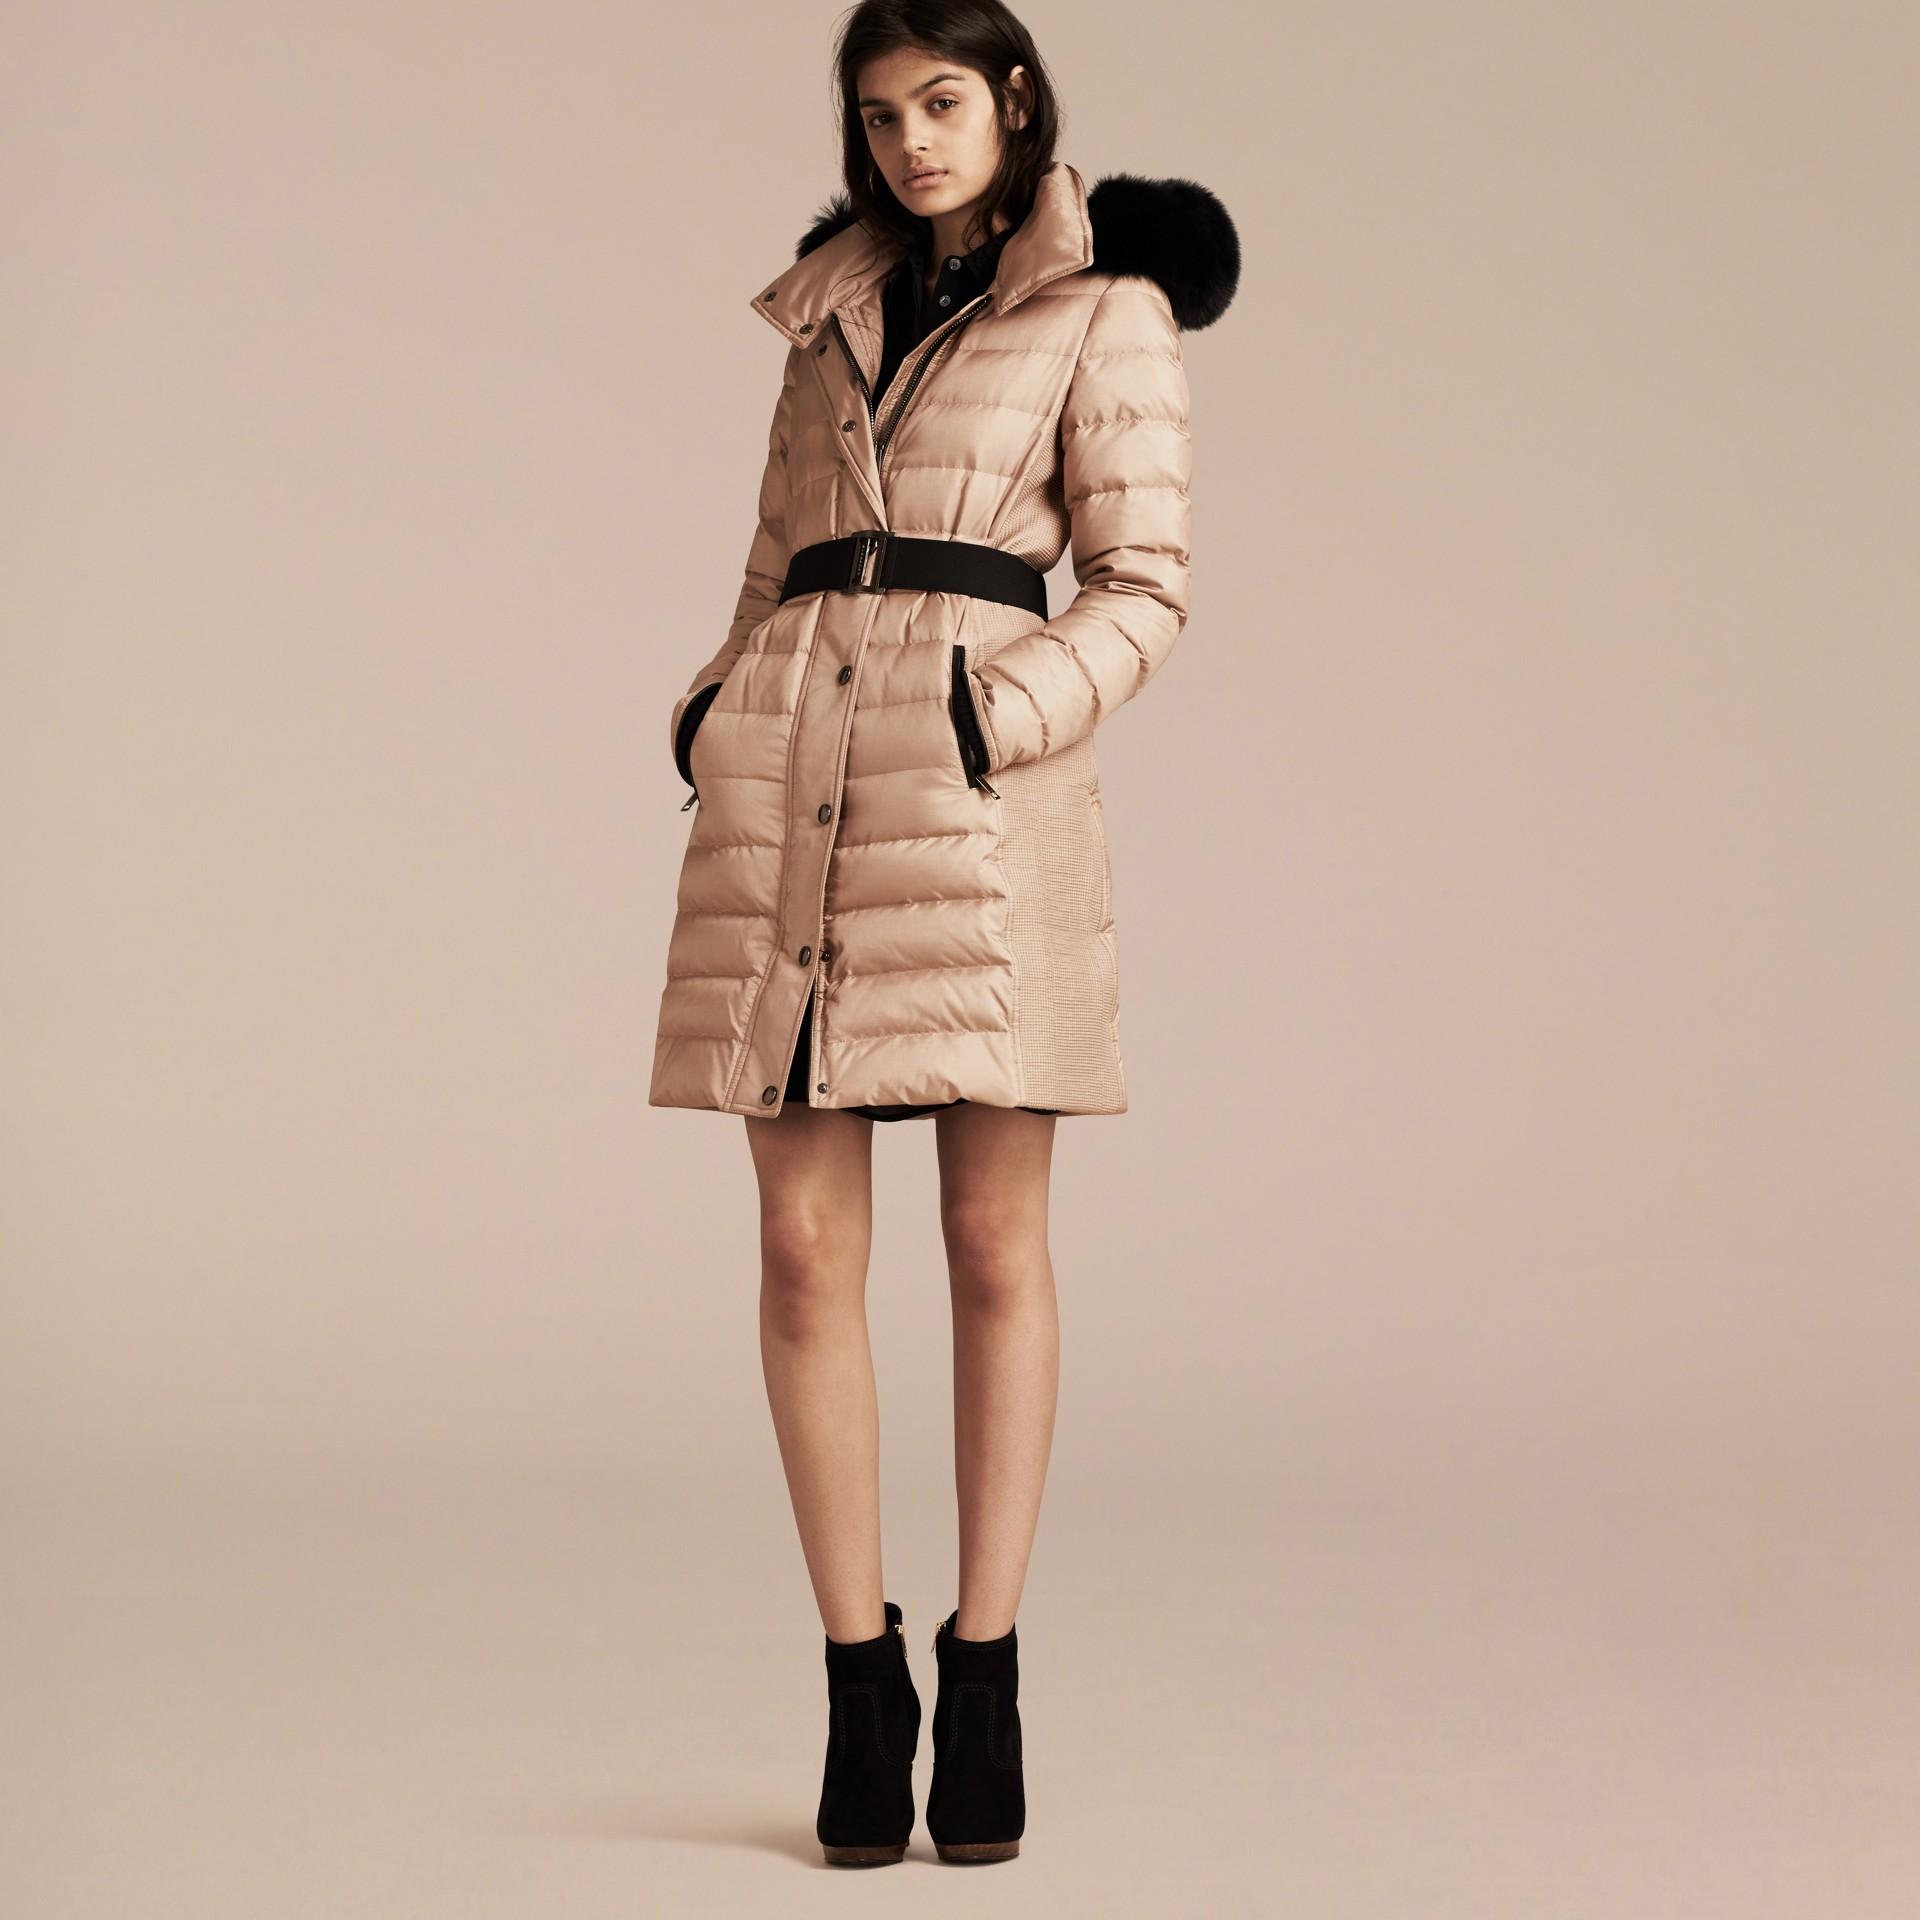 Carne Cappotto imbottito con cappuccio amovibile rifinito in pelliccia - immagine della galleria 7